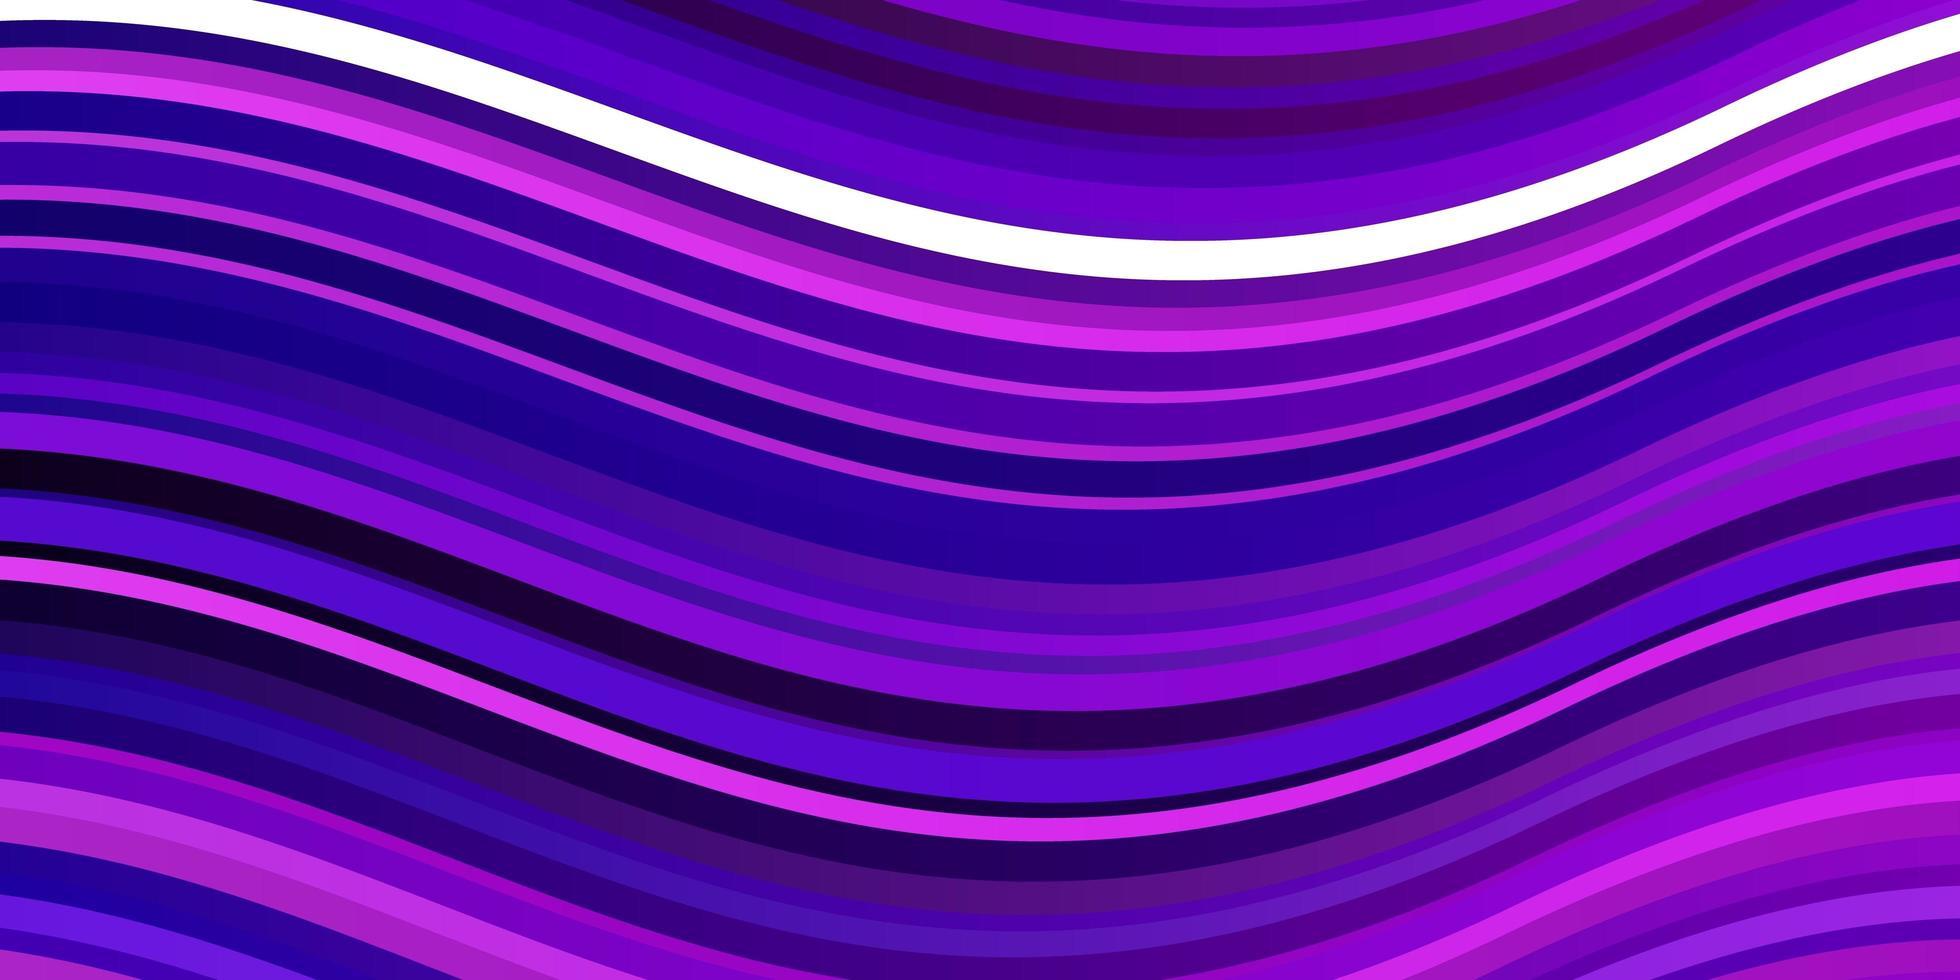 fundo vector rosa claro roxo com curvas.